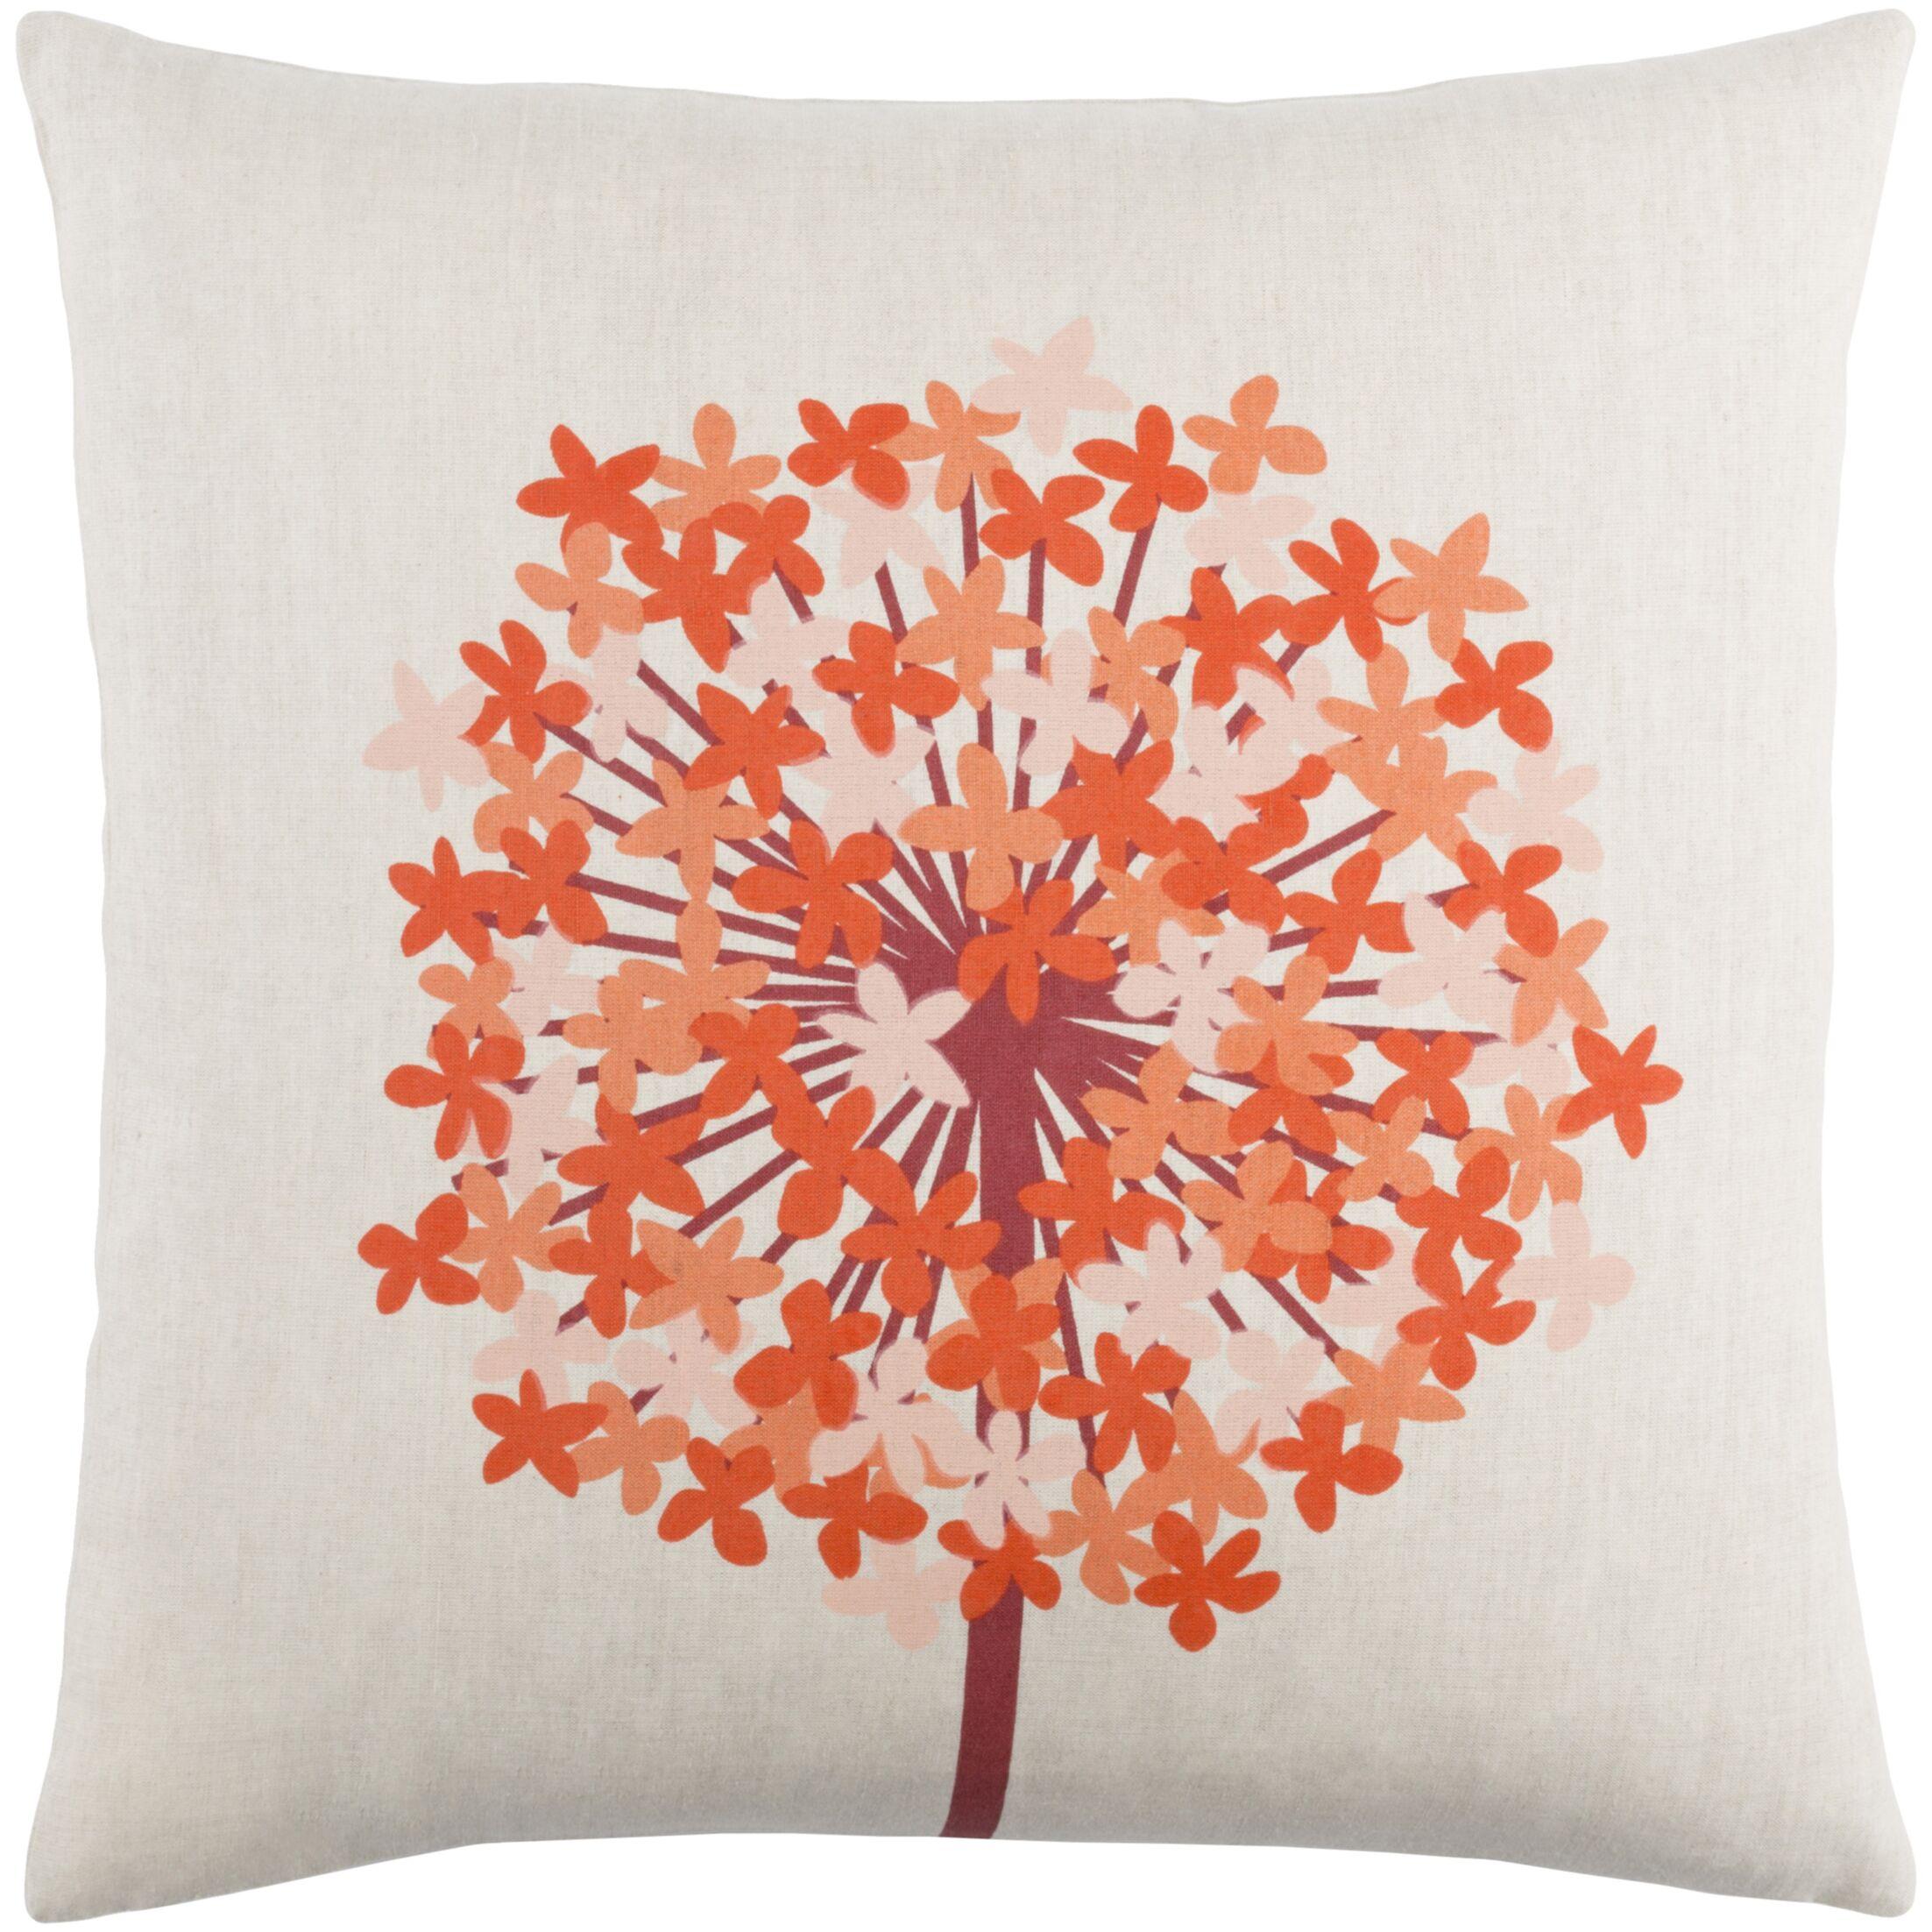 Kismet Agapanthus Throw Pillow Color: Taupe/Saffron/Mustard/Beige, Size: 20